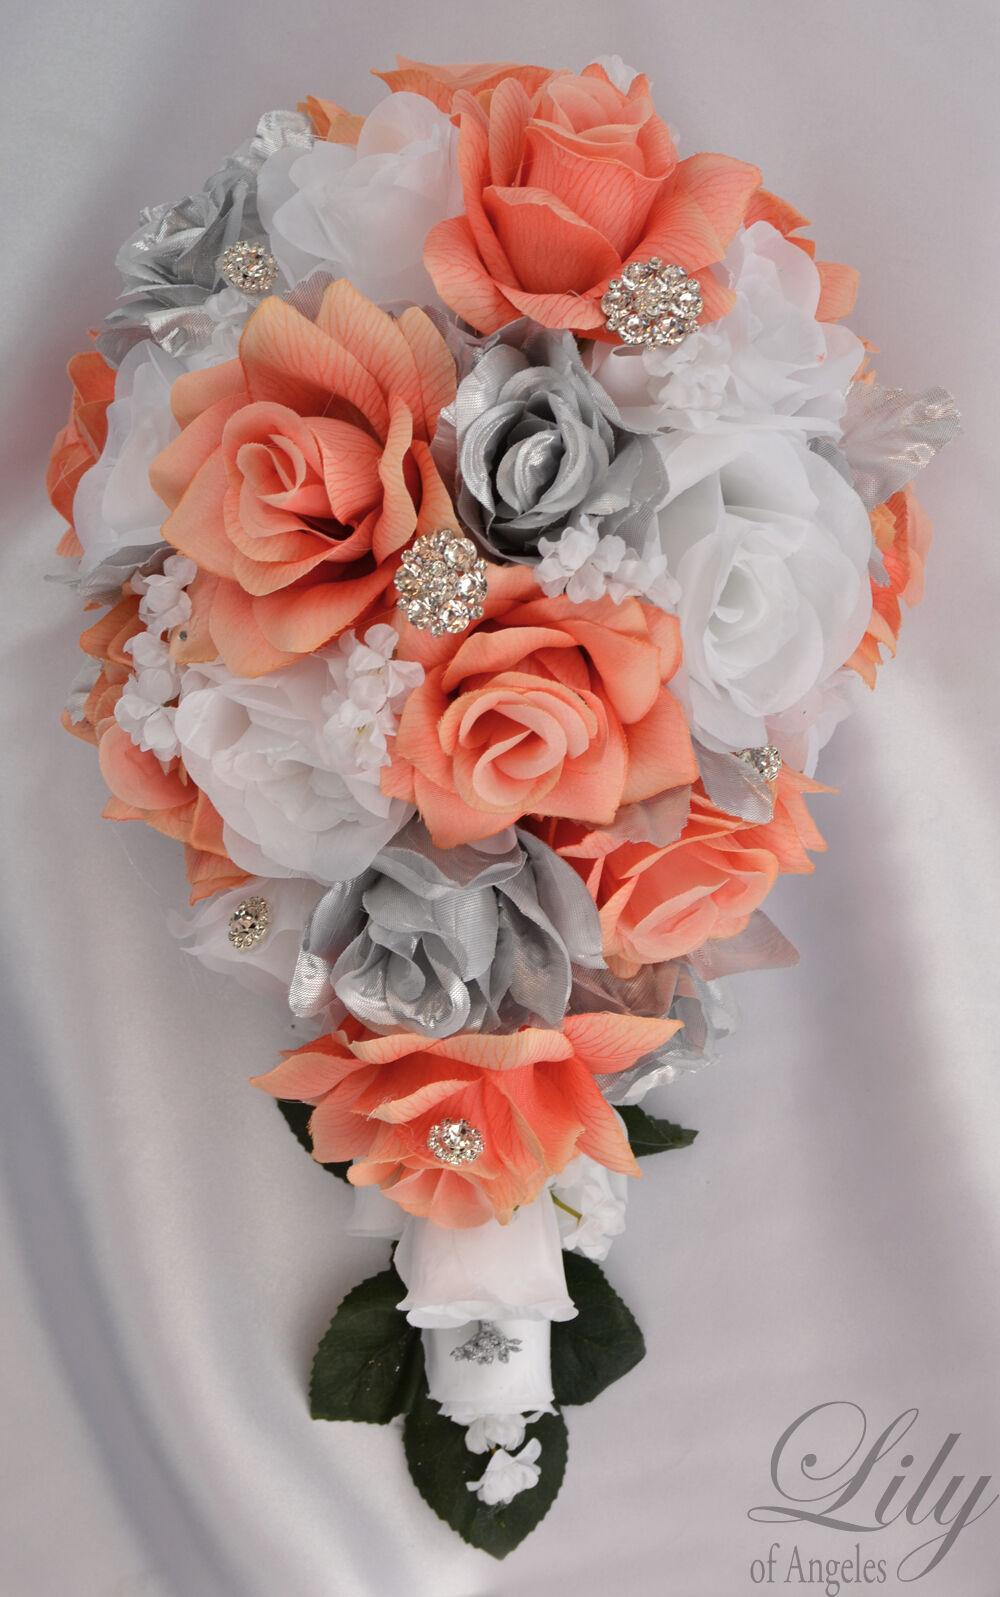 17 Pièce Paquet Soie Fleur Mariage Bridal Bouquet Cascade Corail Argent Blanc